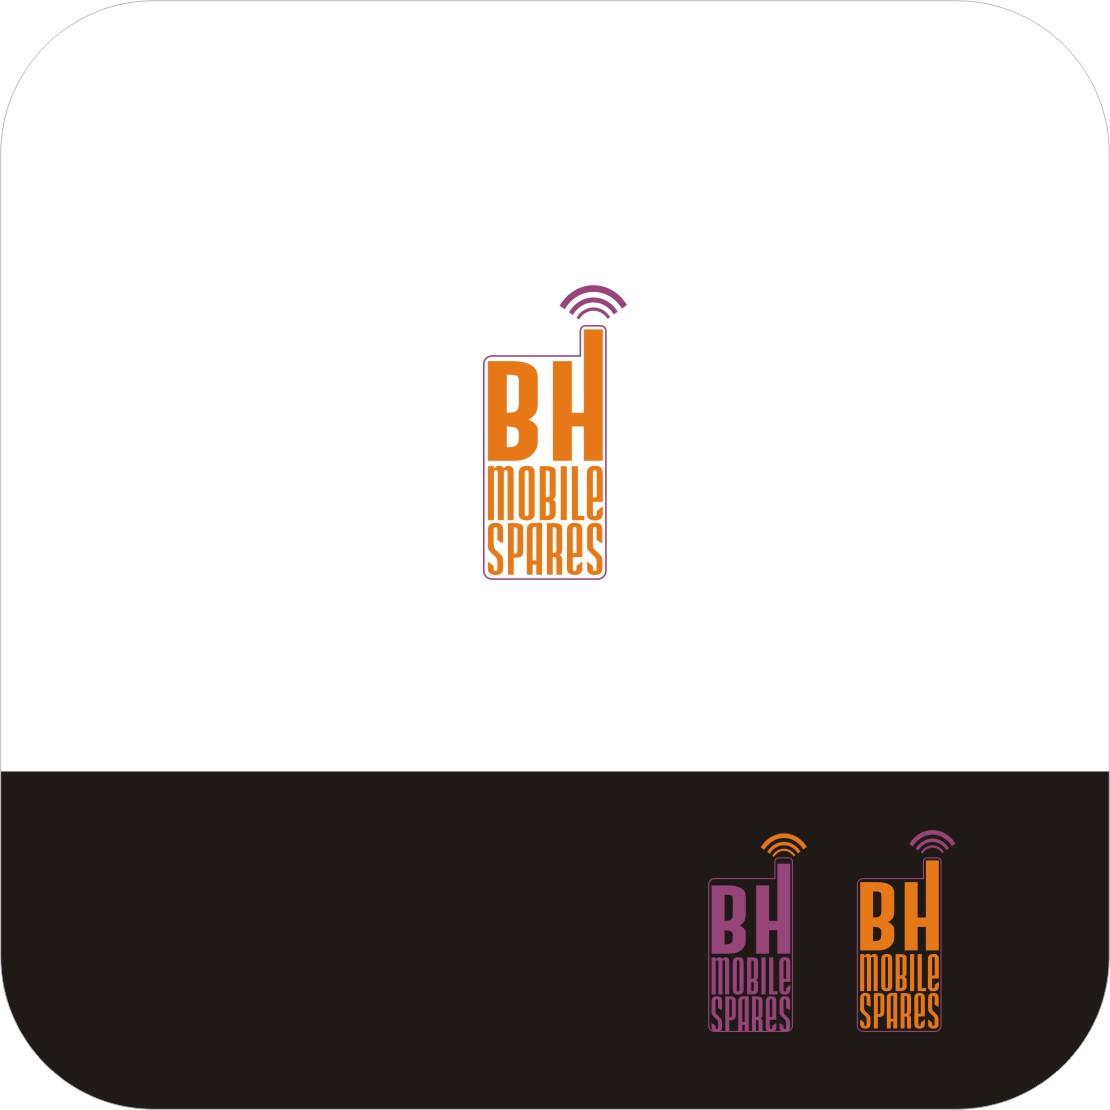 Bh Design modern colorful logo design for bh mobile spares by designraju